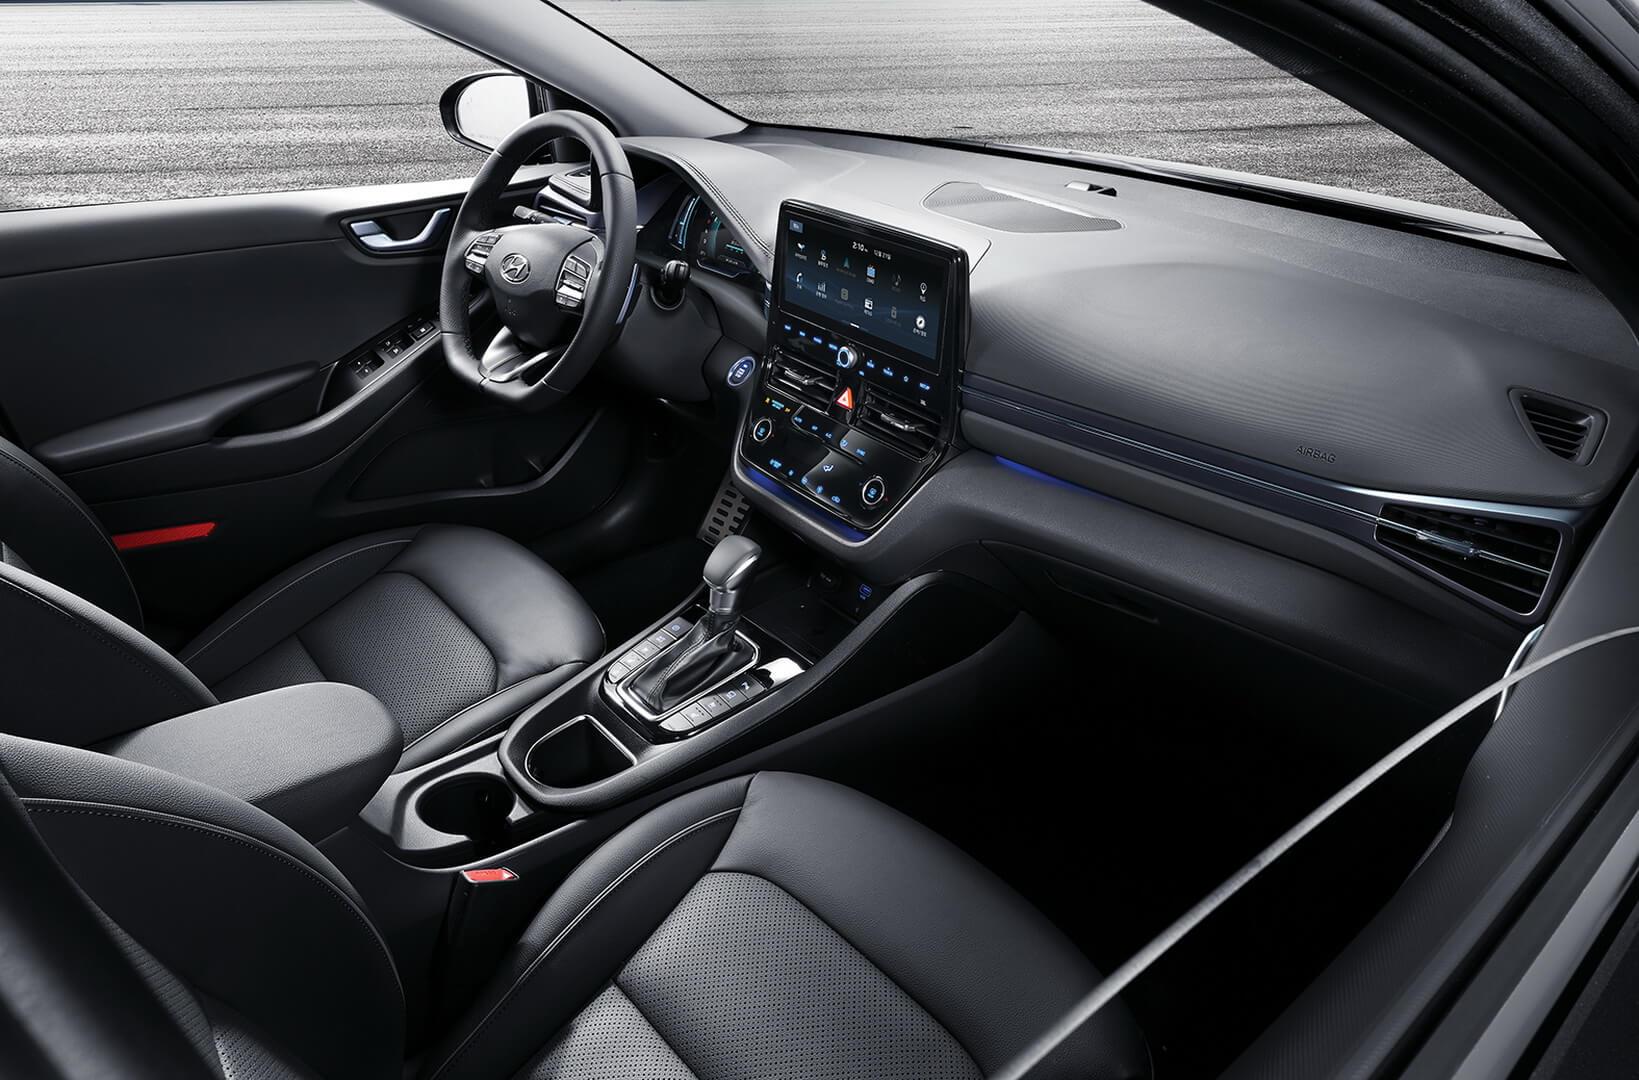 Обновленный интерьер гибрида и плагин-гибрида Hyundai IONIQ 2019